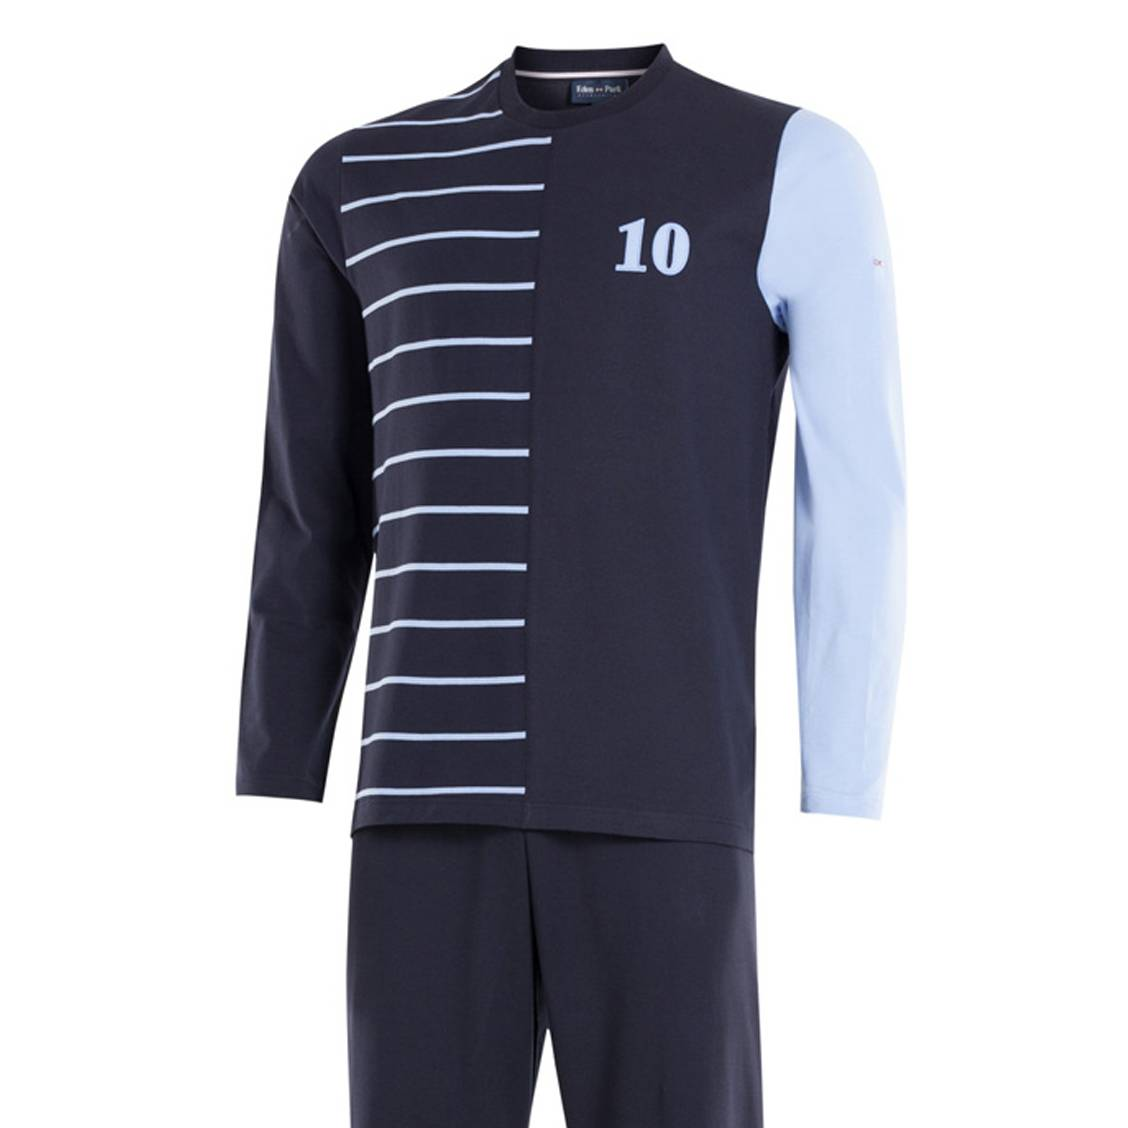 Pyjama long  en coton : tee-shirt manches longues col rond gris et pantalon bleu marine